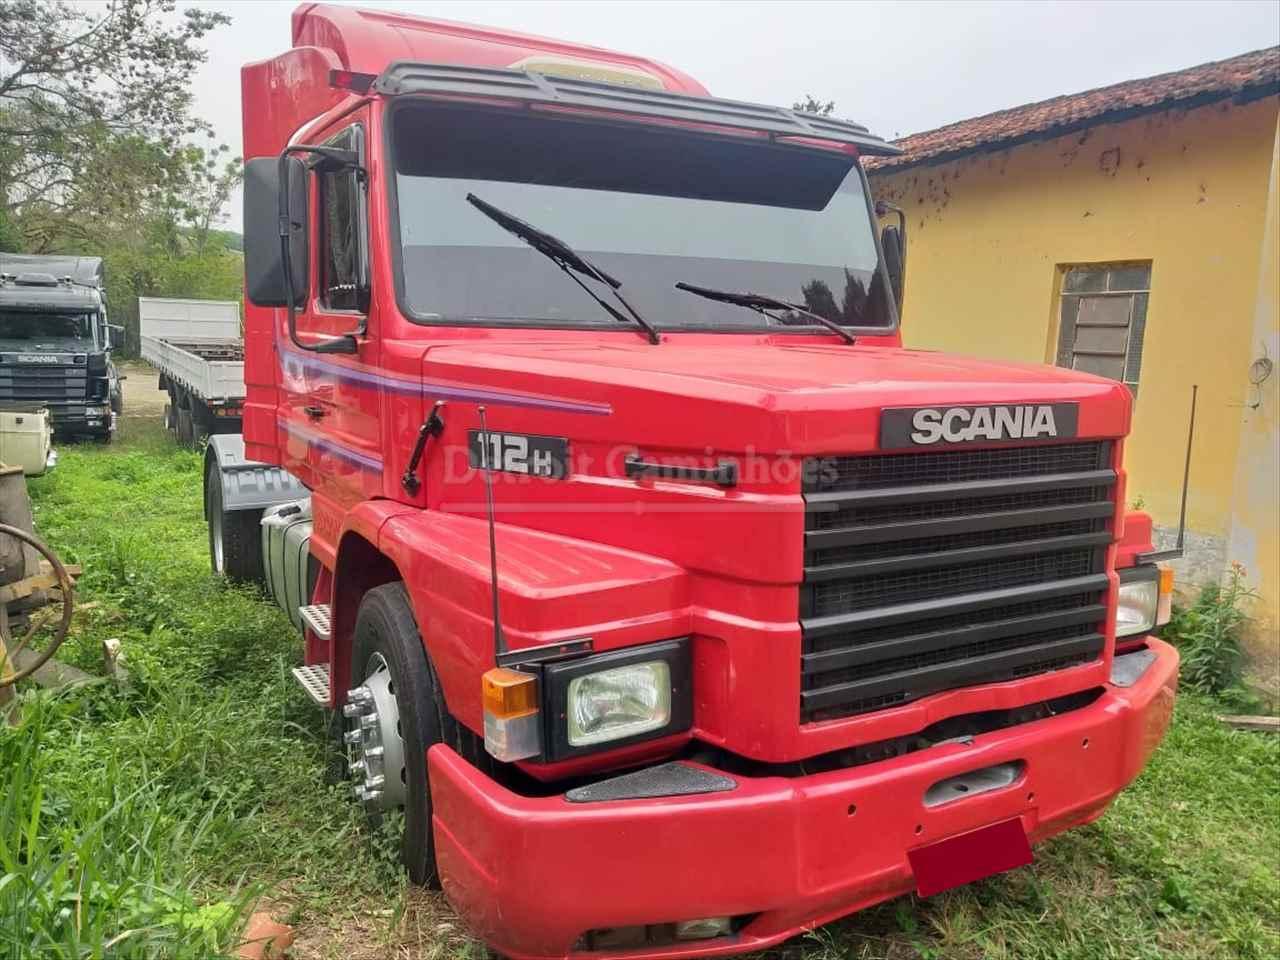 CAMINHAO SCANIA SCANIA 112 360 Cavalo Mecânico Toco 4x2 Detroit Caminhões SAO JOSE DOS CAMPOS SÃO PAULO SP